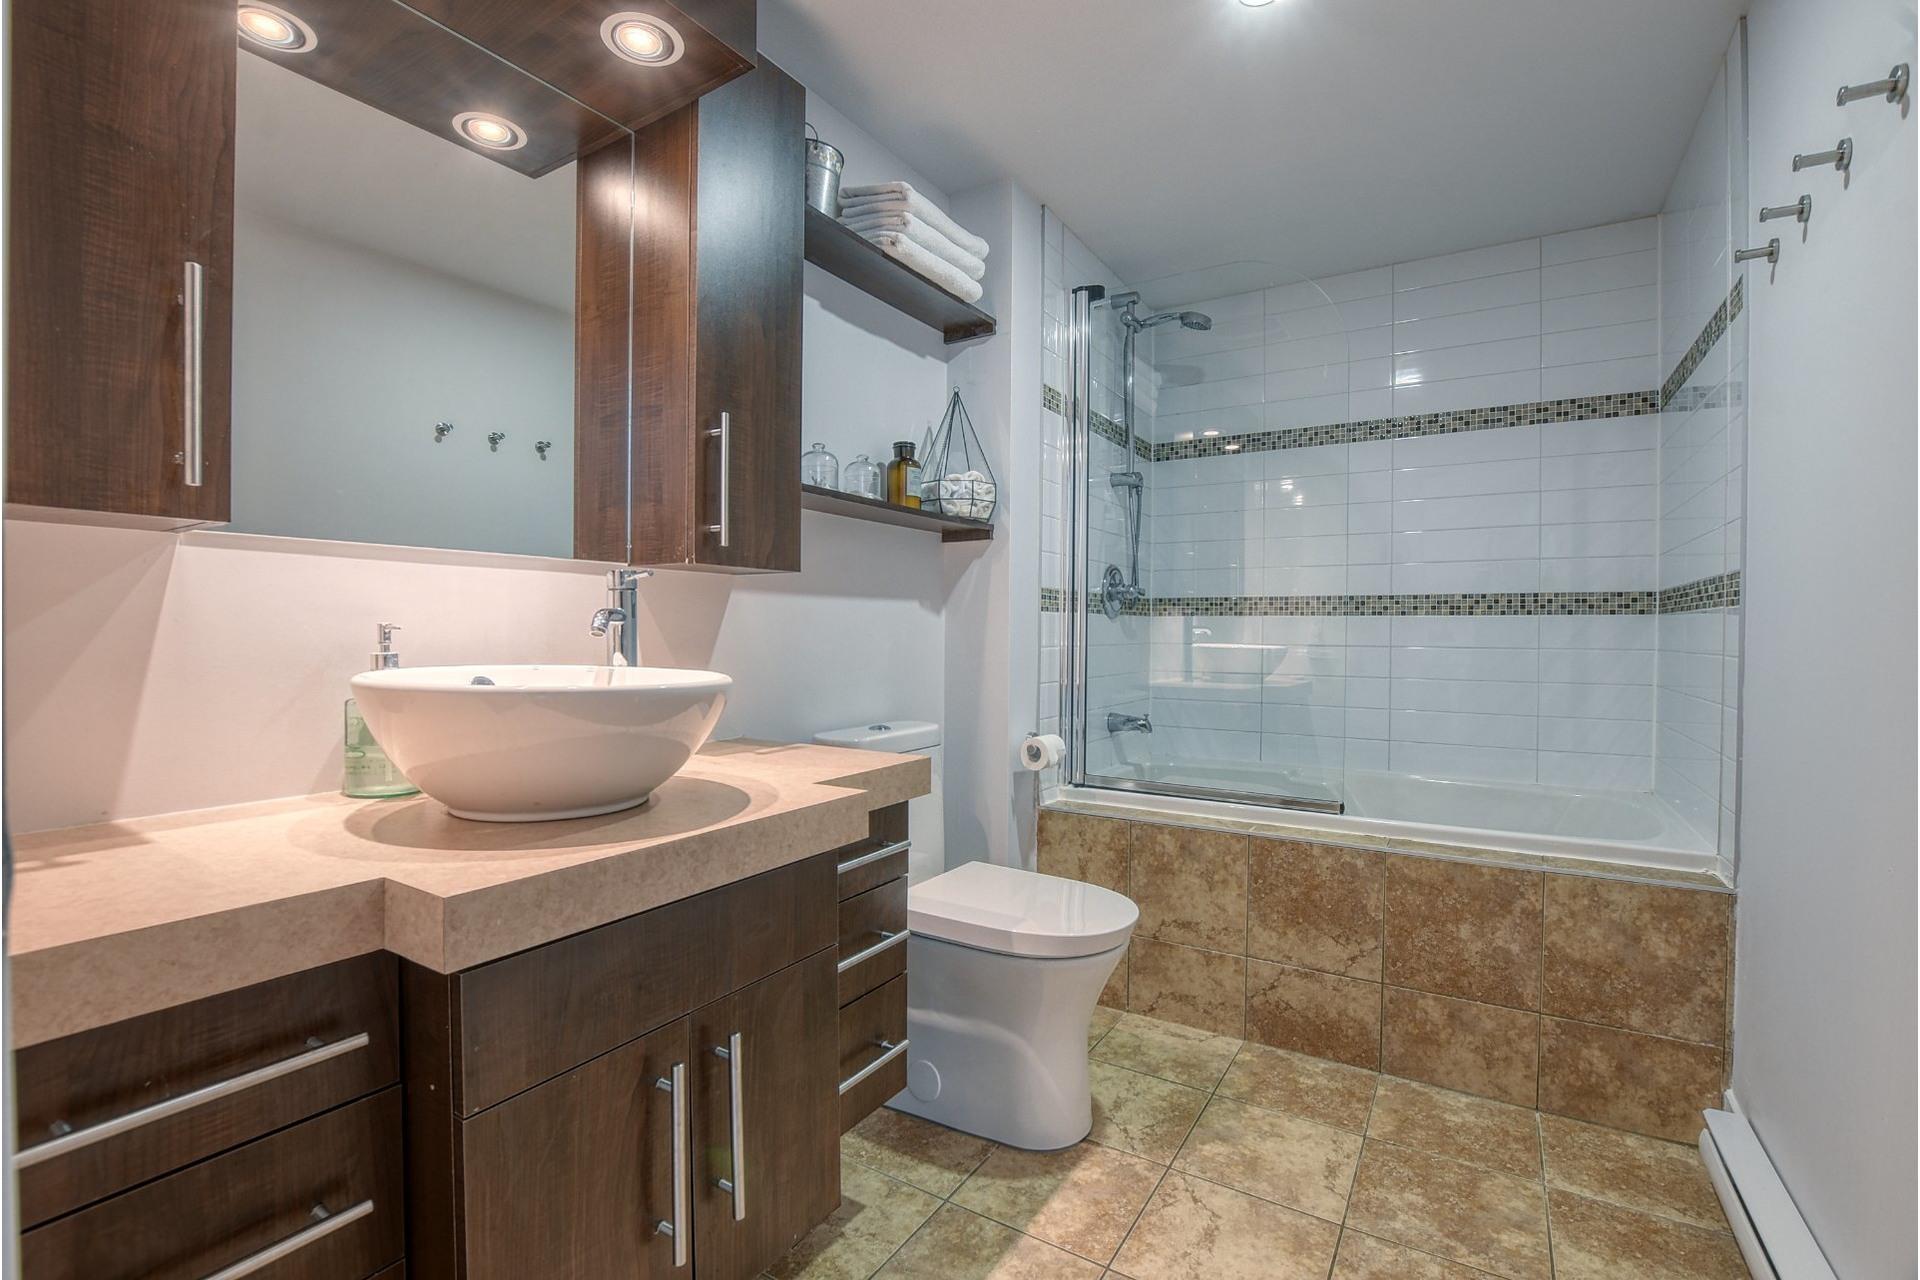 image 11 - Apartment For sale Ahuntsic-Cartierville Montréal  - 4 rooms